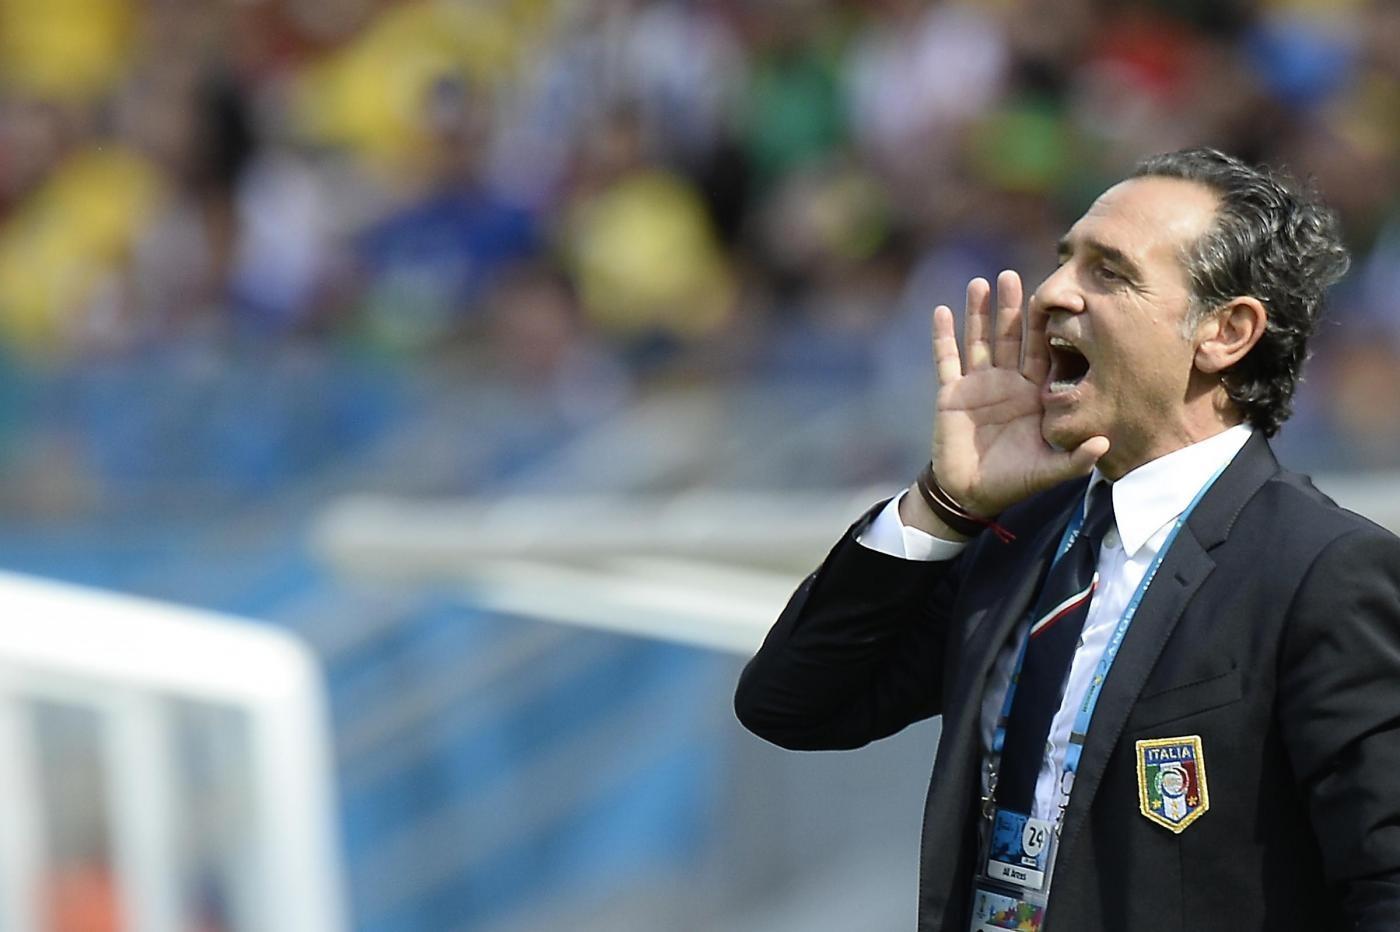 Mondiali Brasile 2014: dopo il fallimento diamoci una nuova etica sportiva